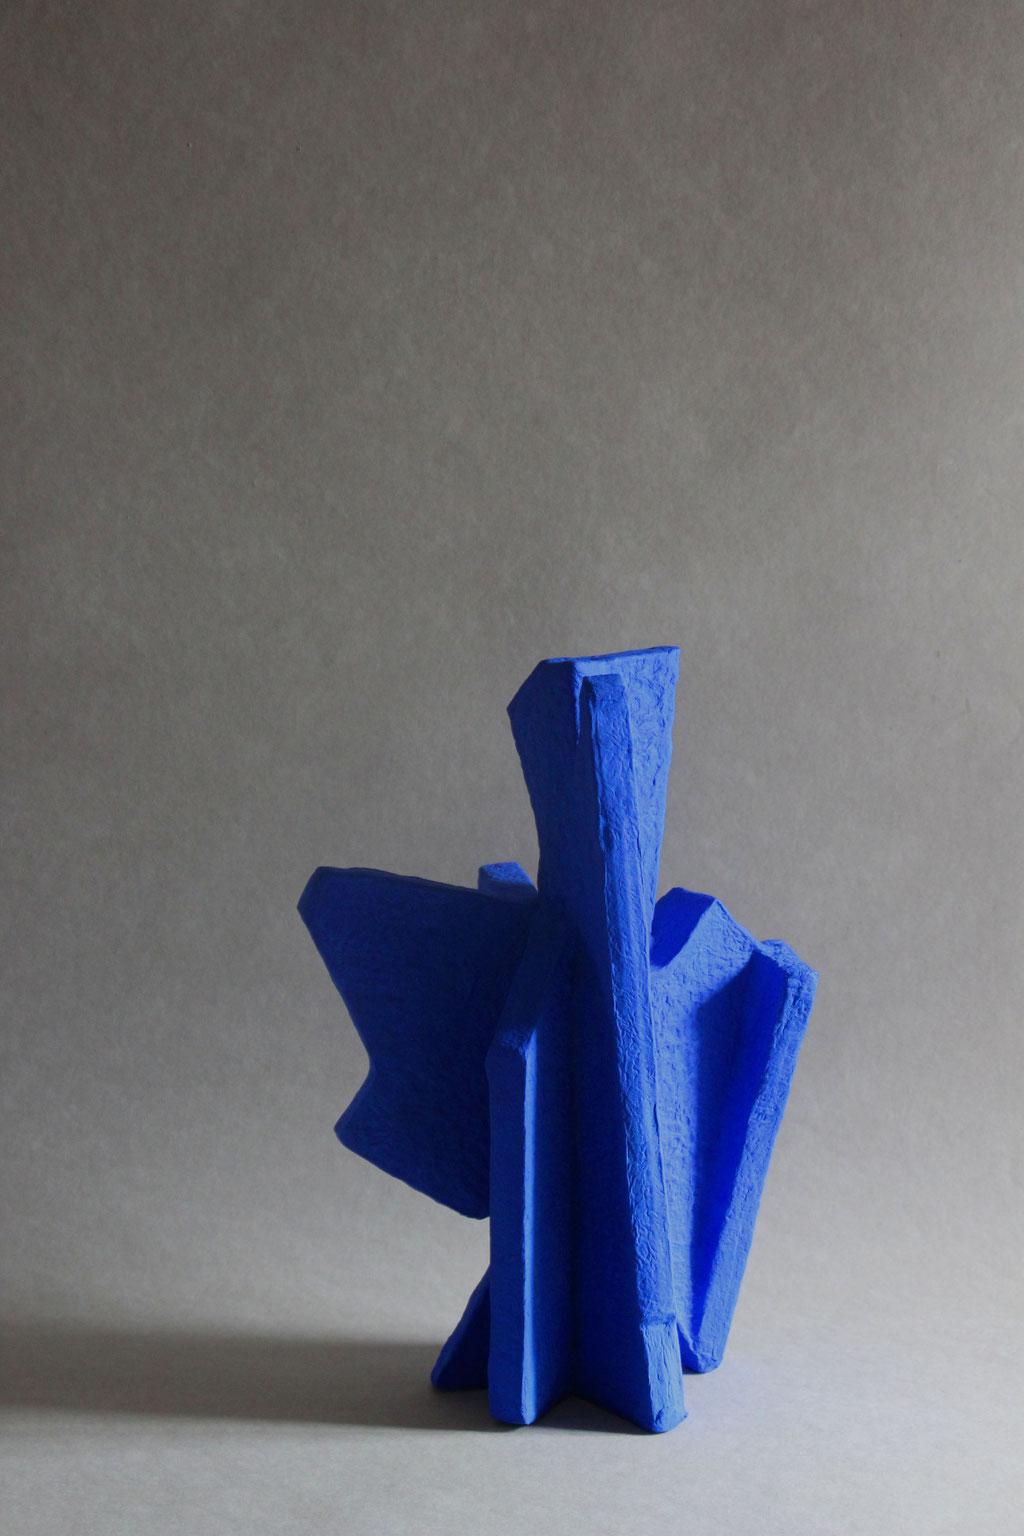 Particle large blue